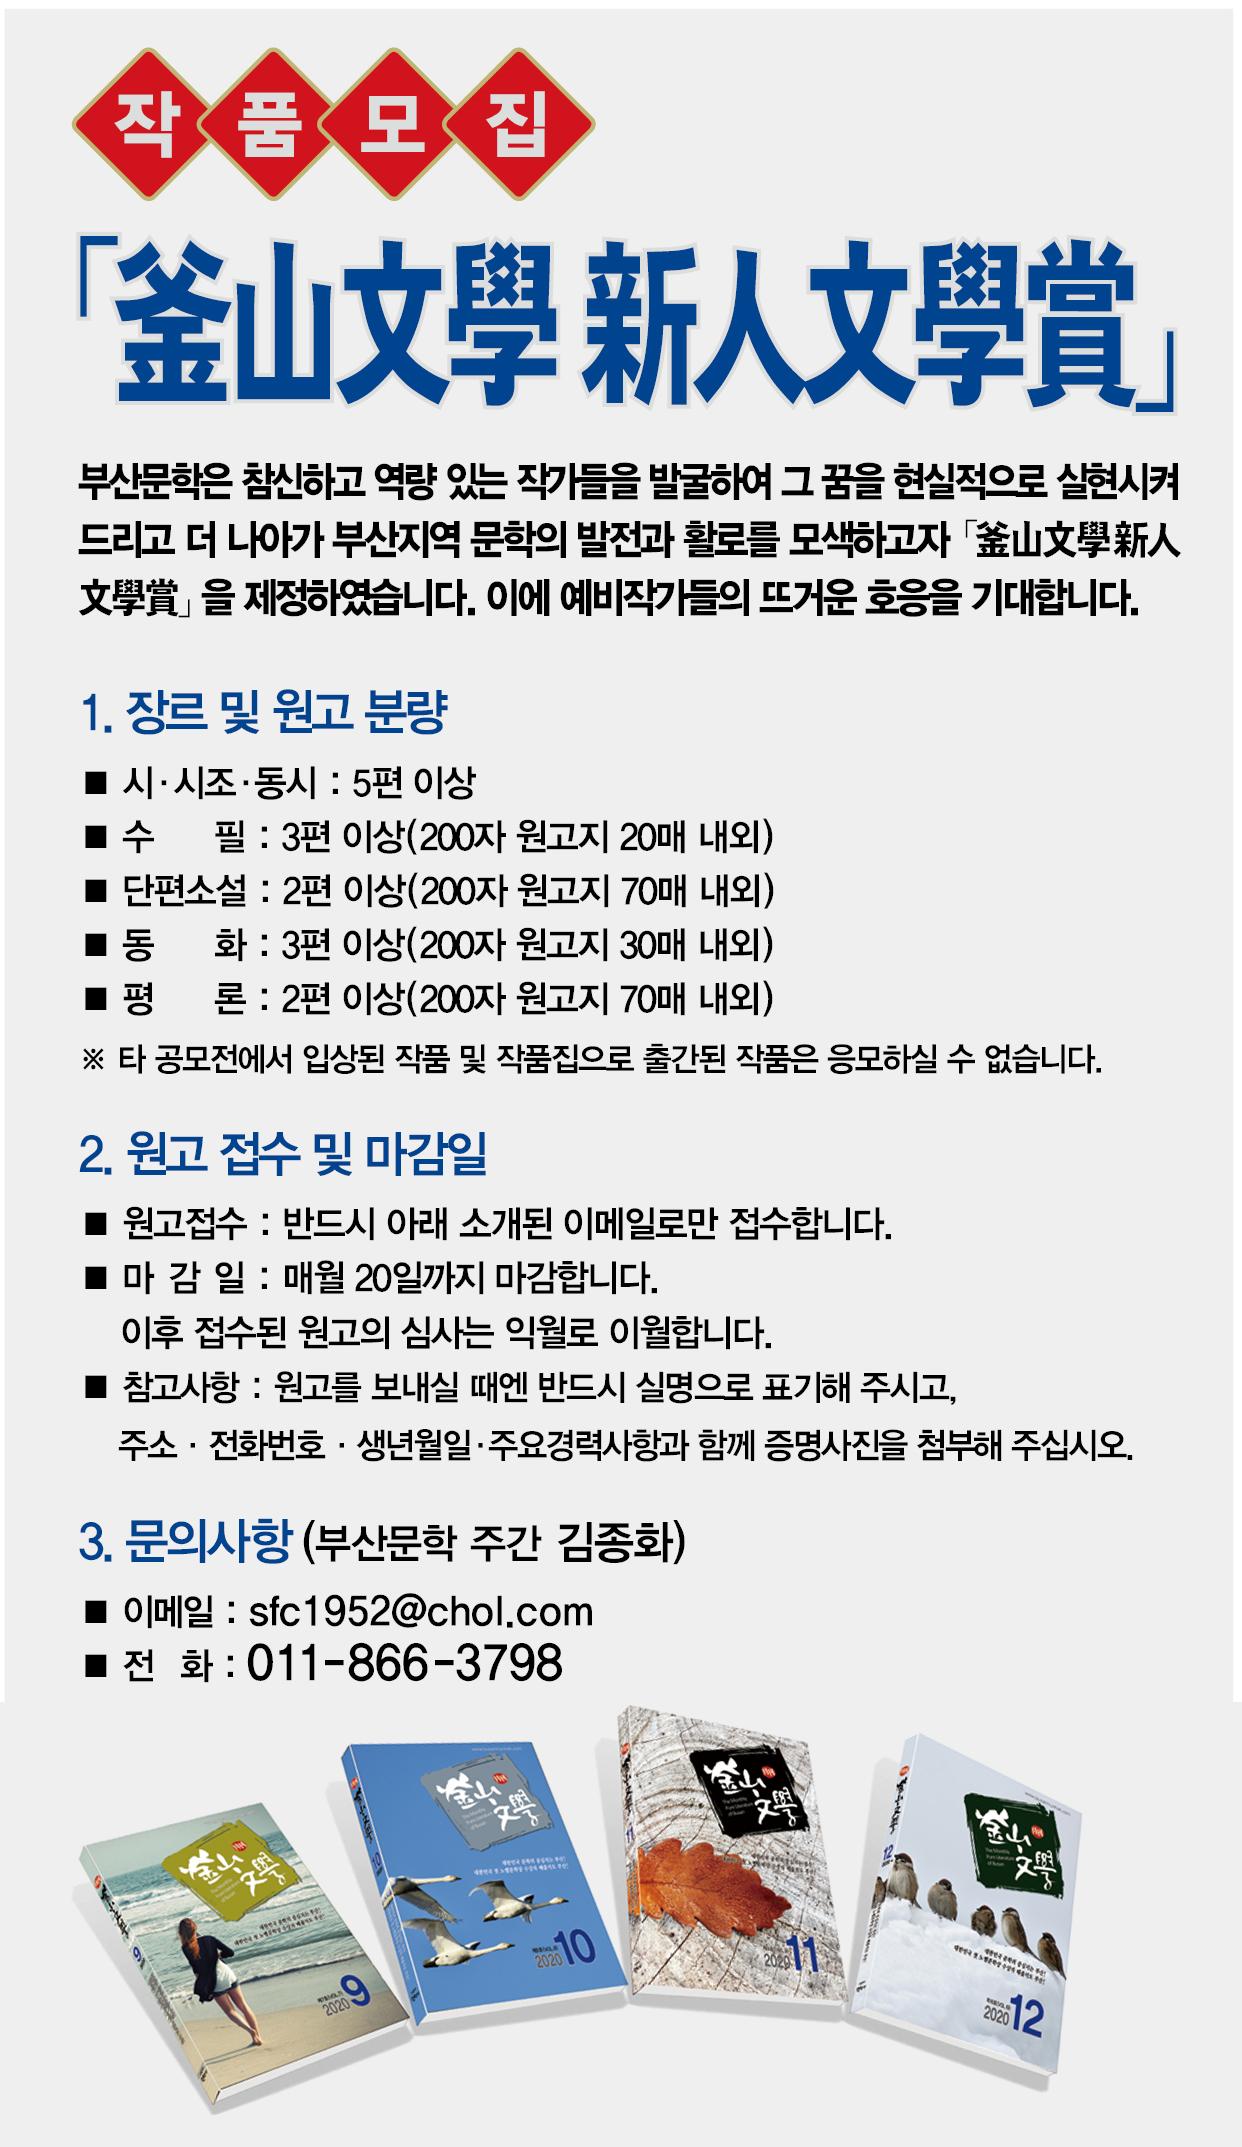 부산문학신문_신인문학상모집공고_03.jpg